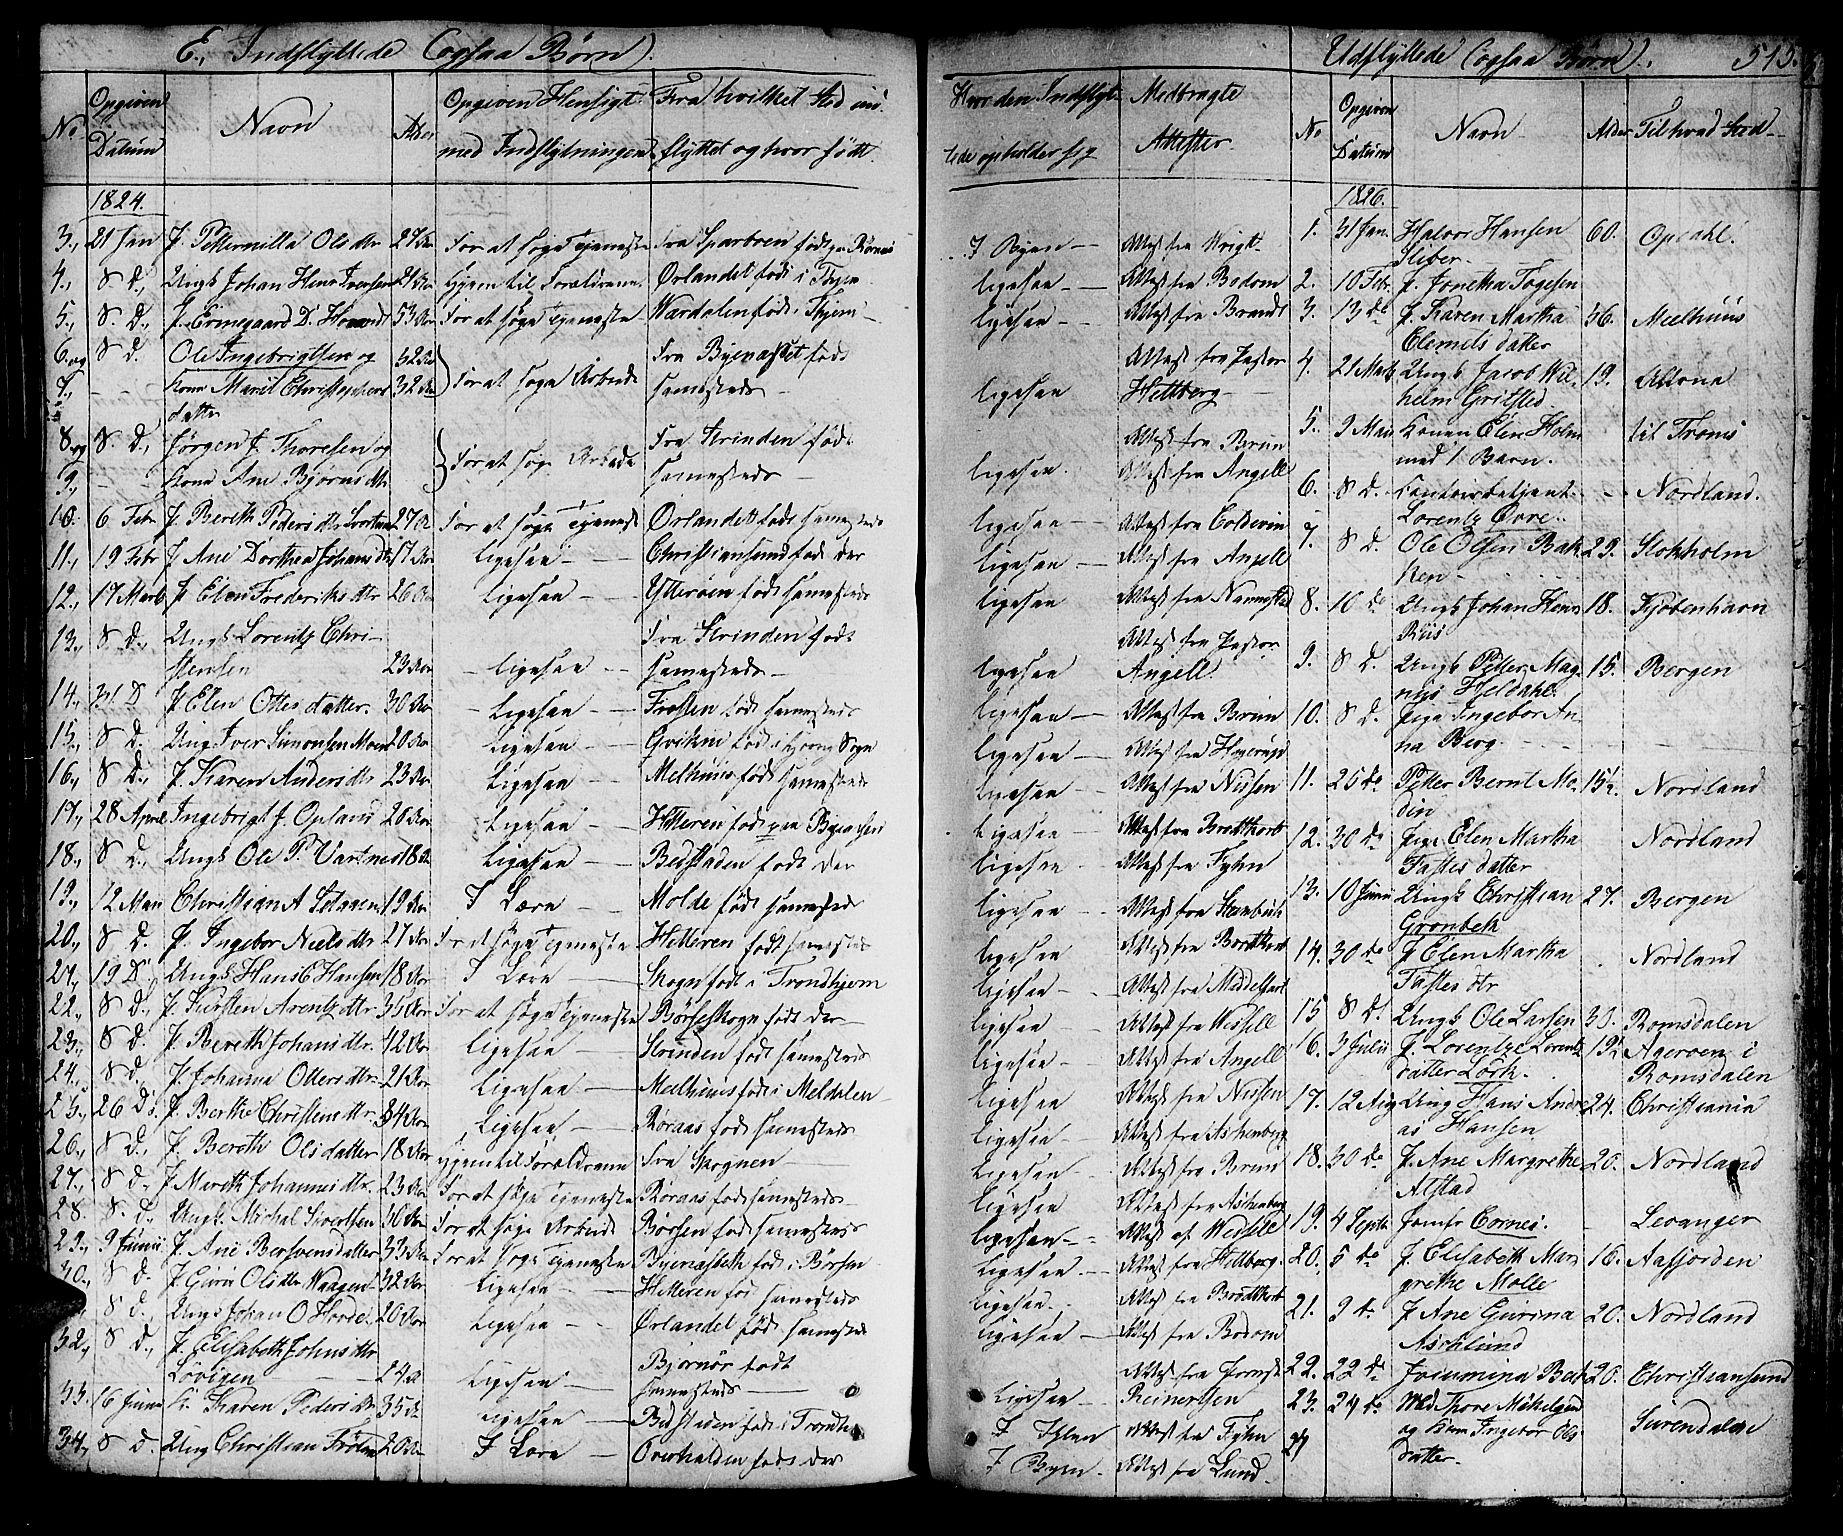 SAT, Ministerialprotokoller, klokkerbøker og fødselsregistre - Sør-Trøndelag, 601/L0045: Ministerialbok nr. 601A13, 1821-1831, s. 515